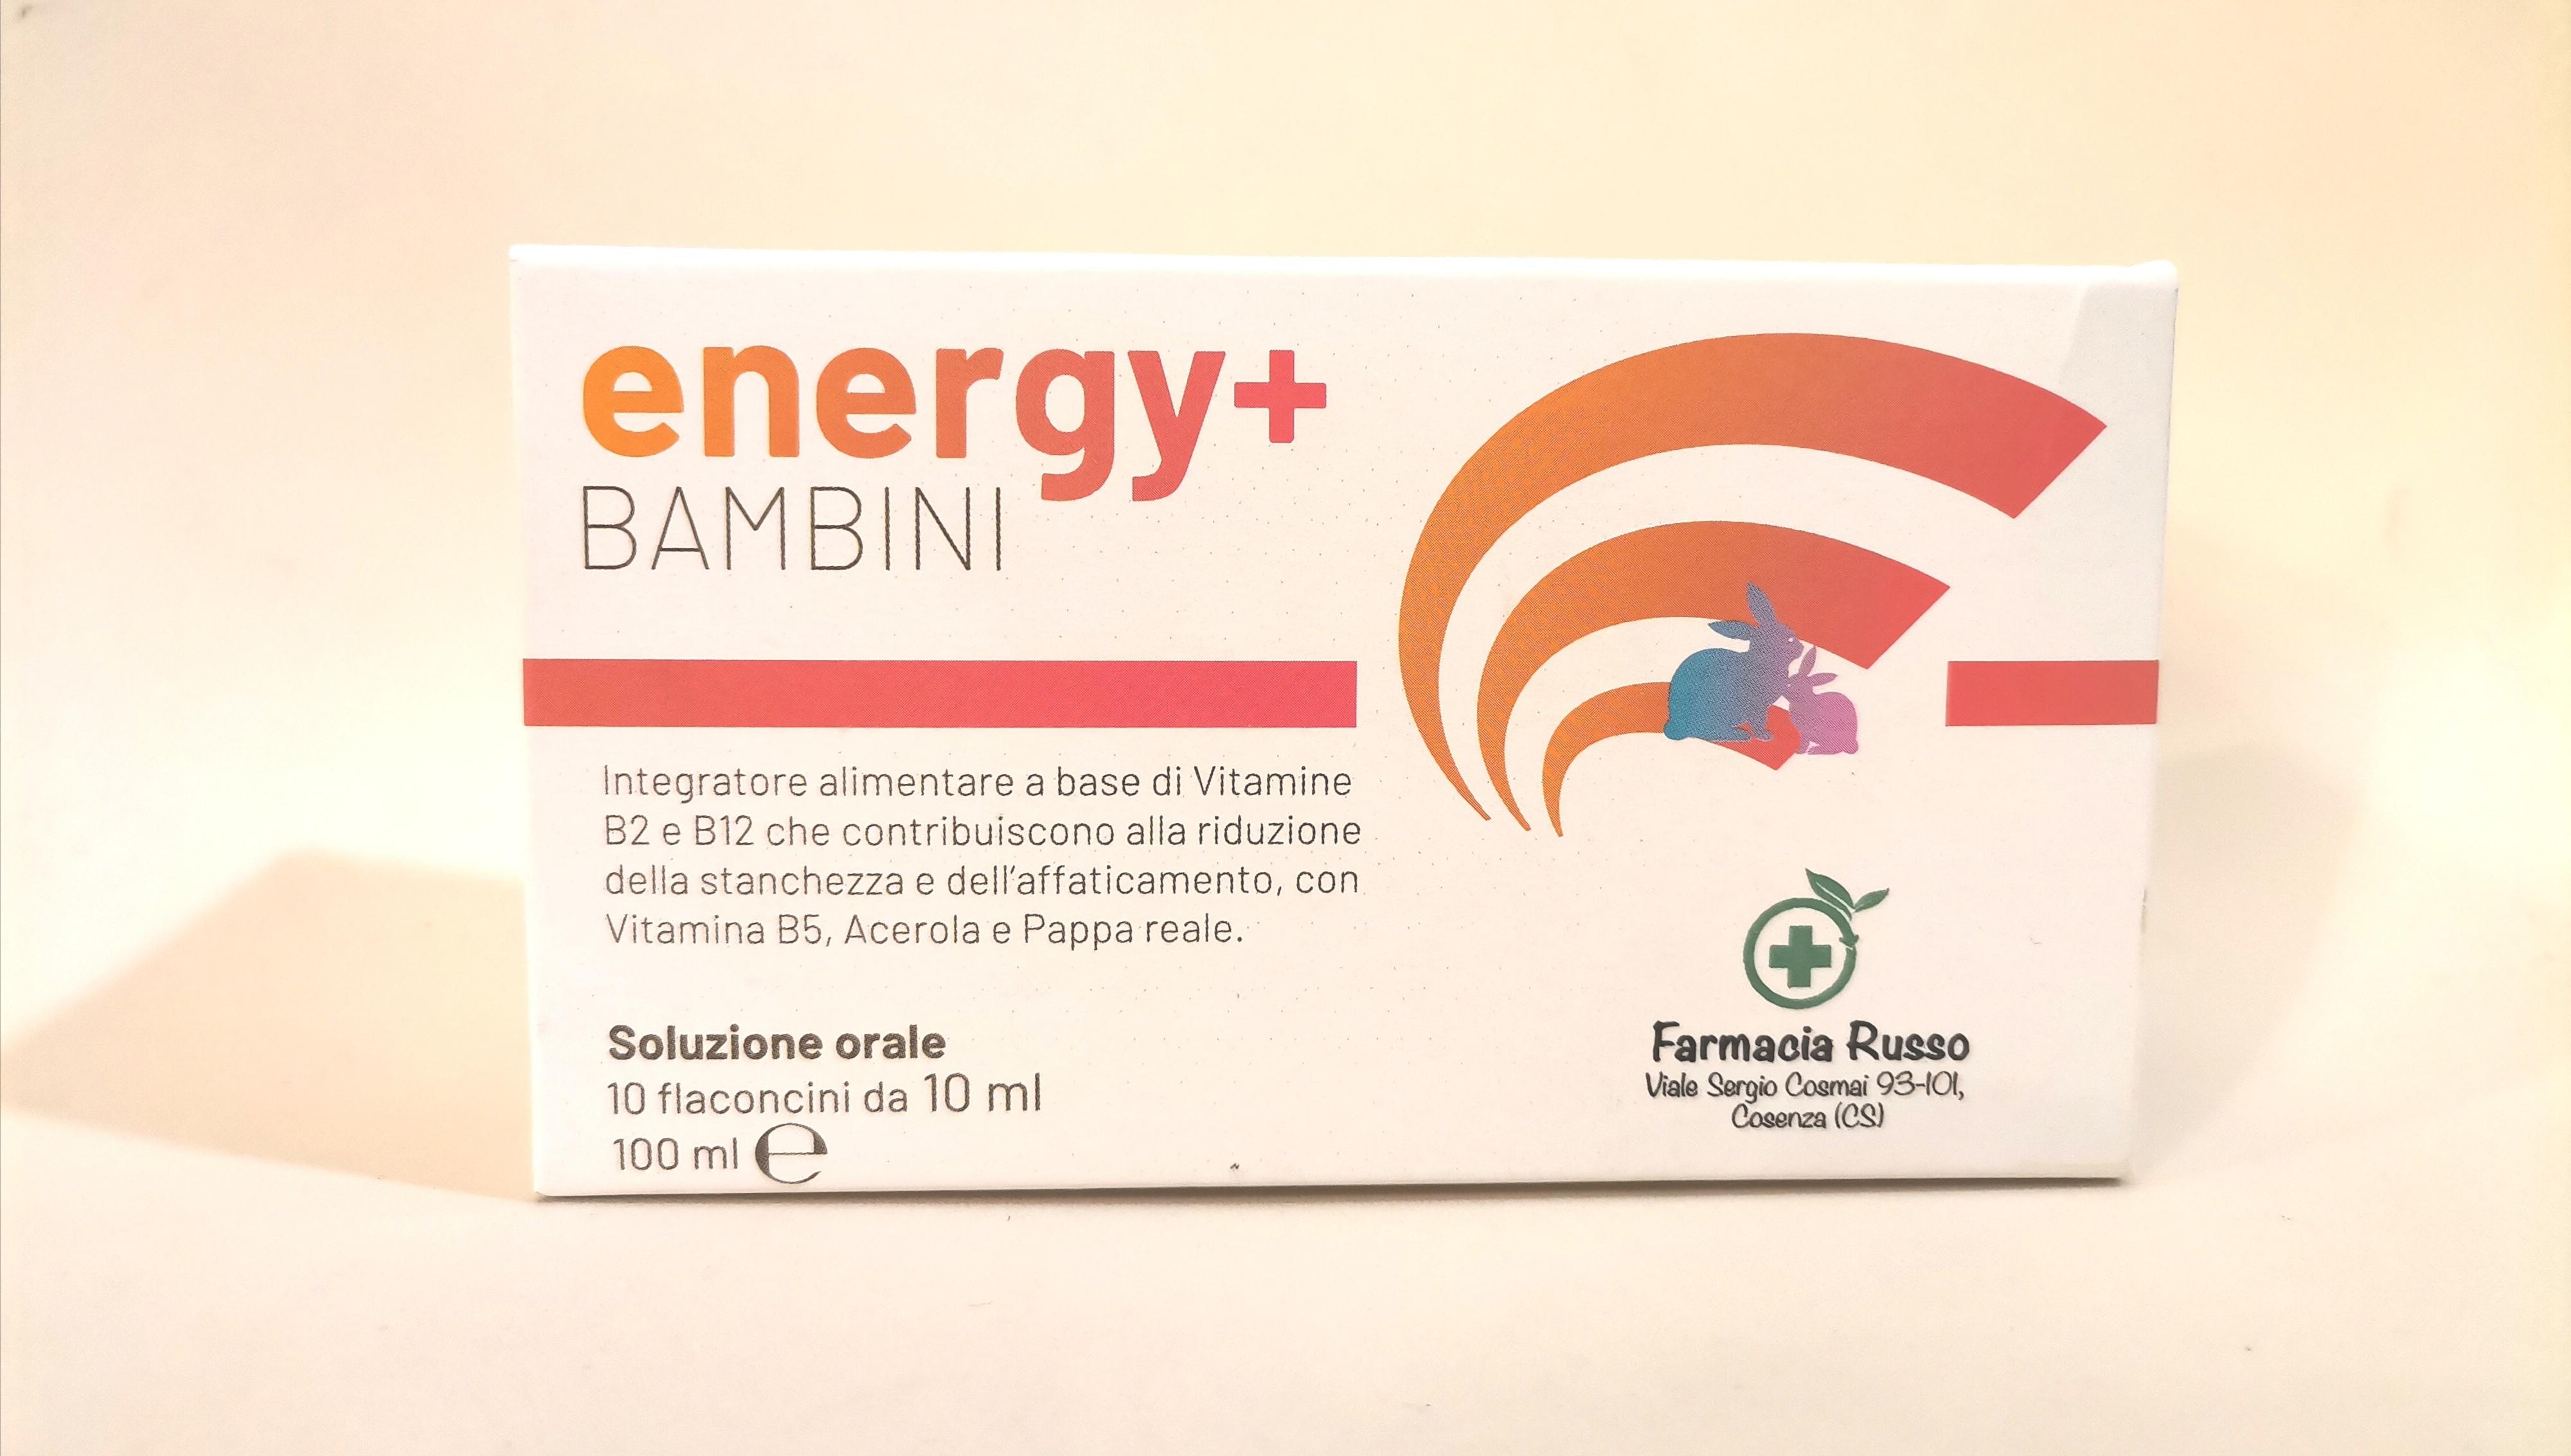 INTEGRATORE BAMBINI 10 FLACONCINI IN CASO DI STANCHEZZA E AFFATICAMENTO CON PAPPA REALE, VITAMINA D, ACEROLA,VITAMINA C, VITAMINA B5, VITAMINA B2, VITAMINA B12